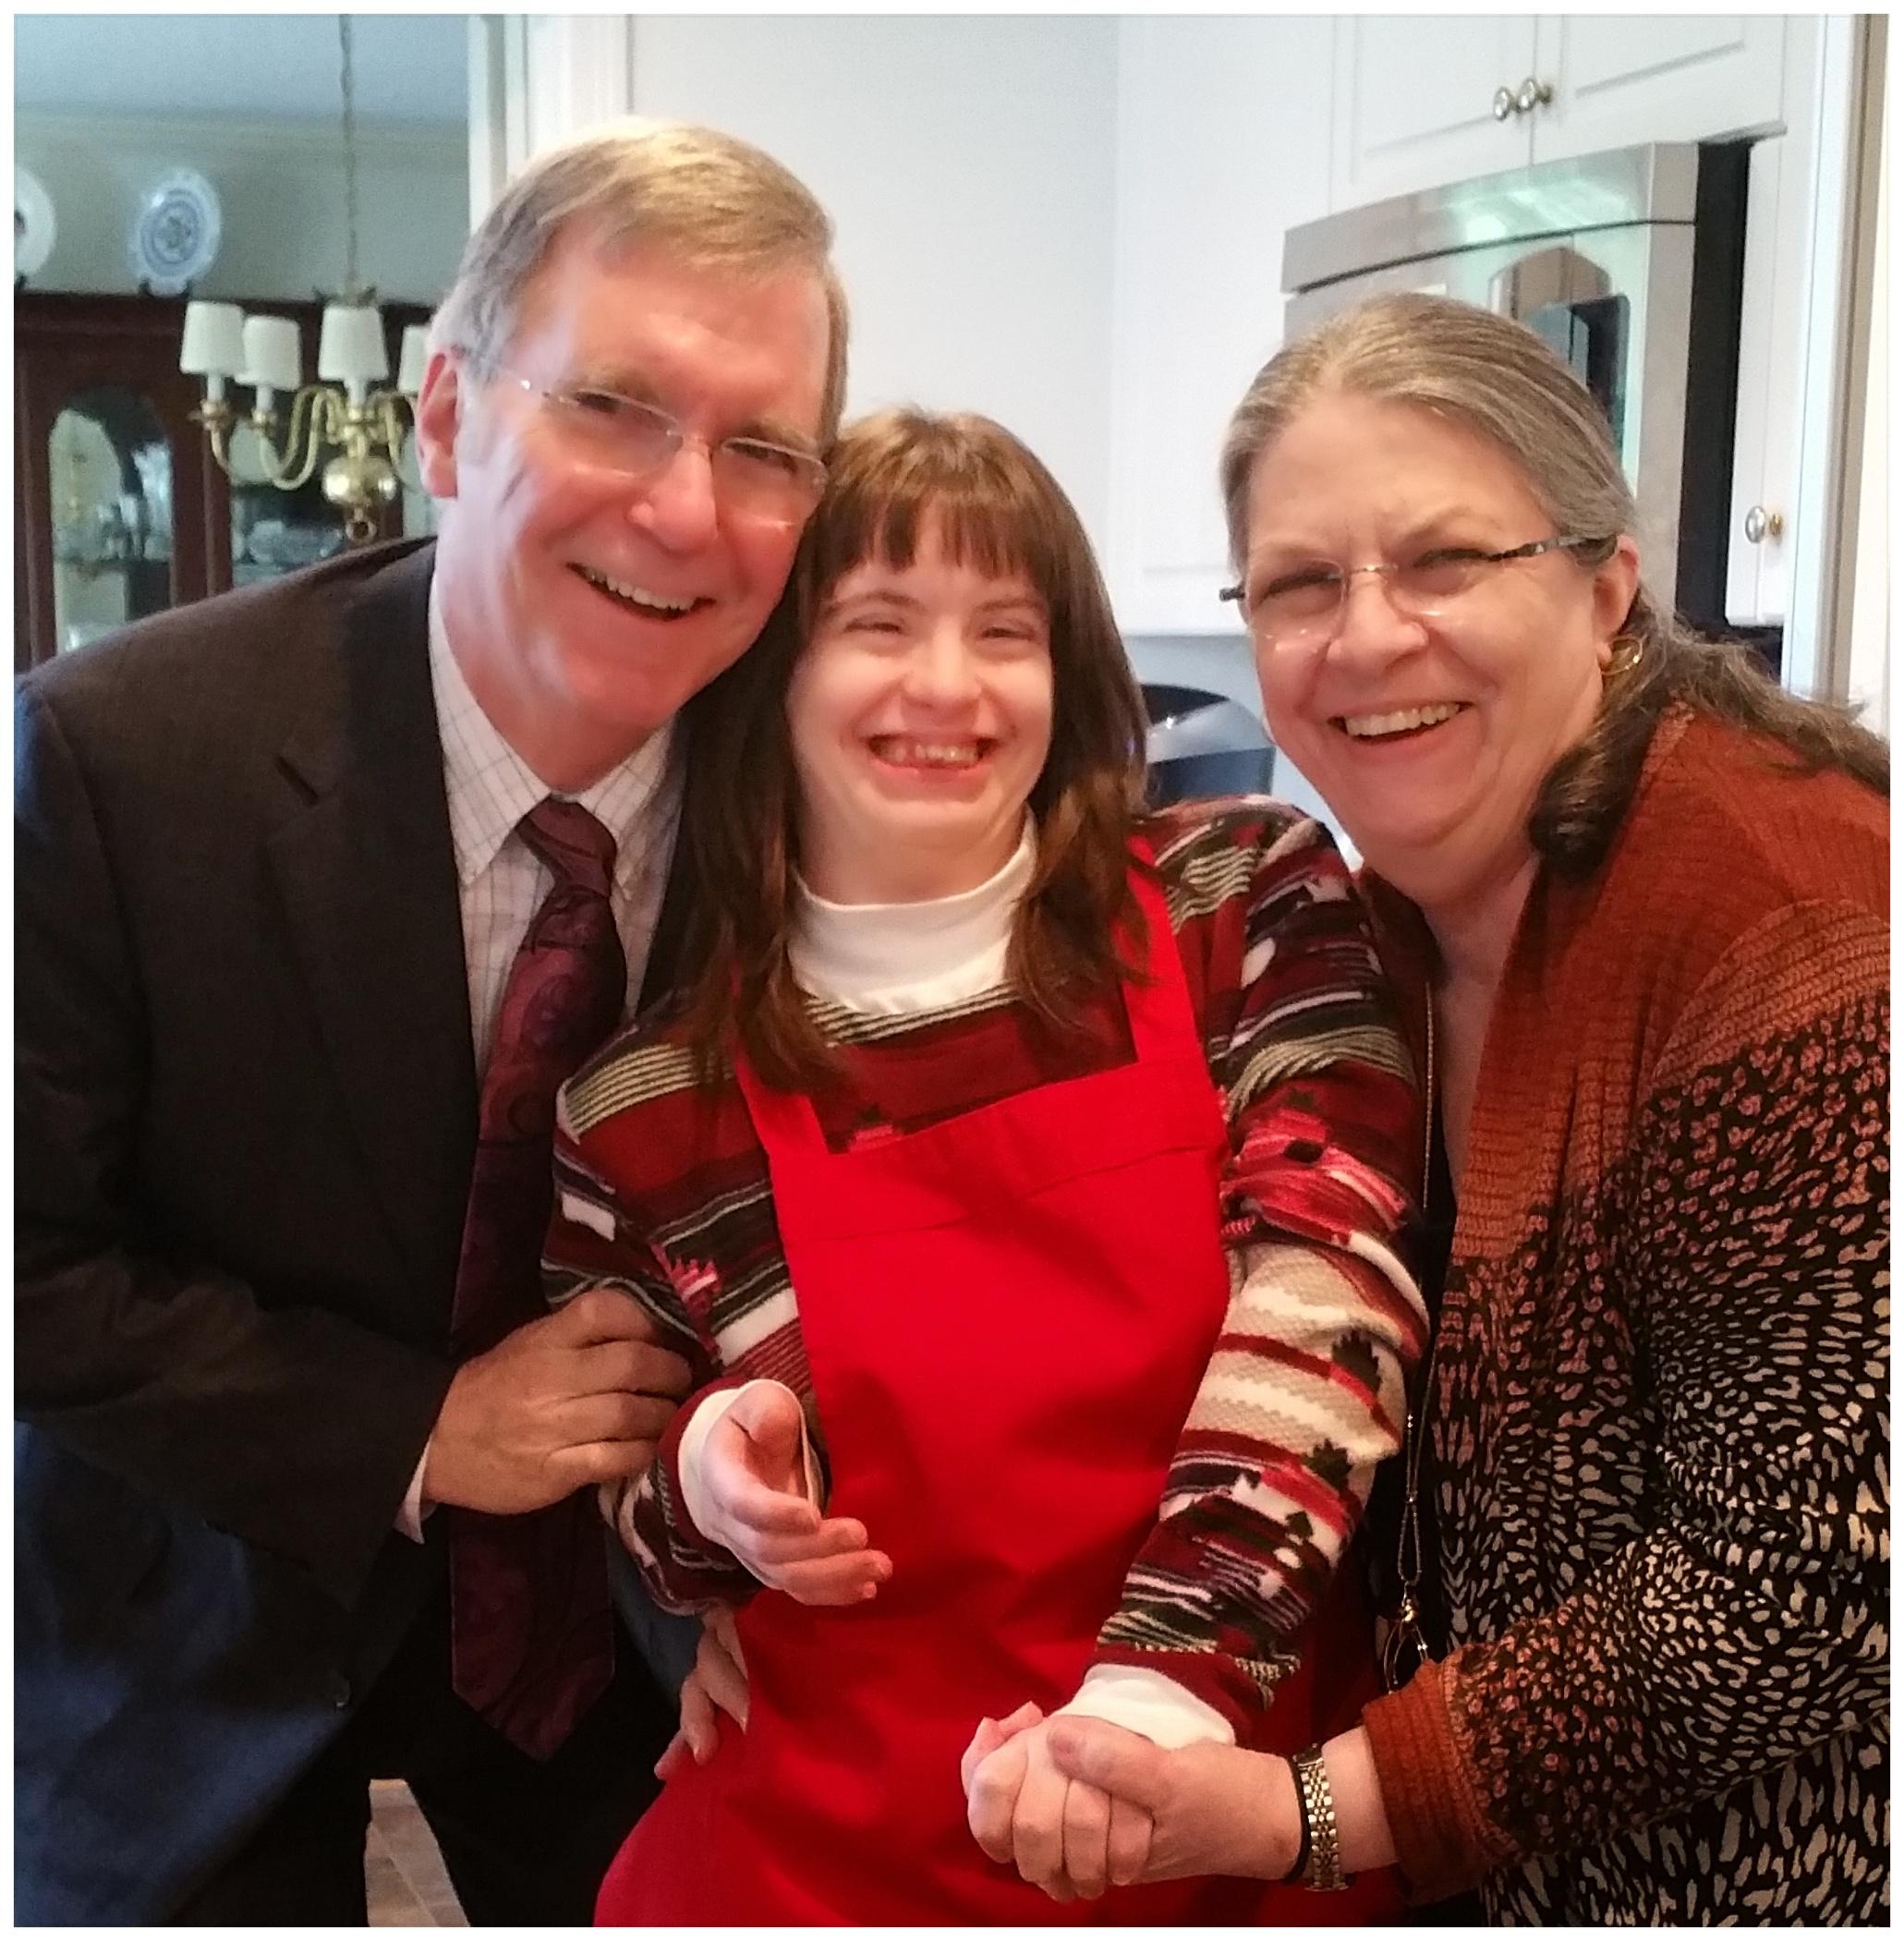 Joe & Rhonda with their daughter, Jodi.